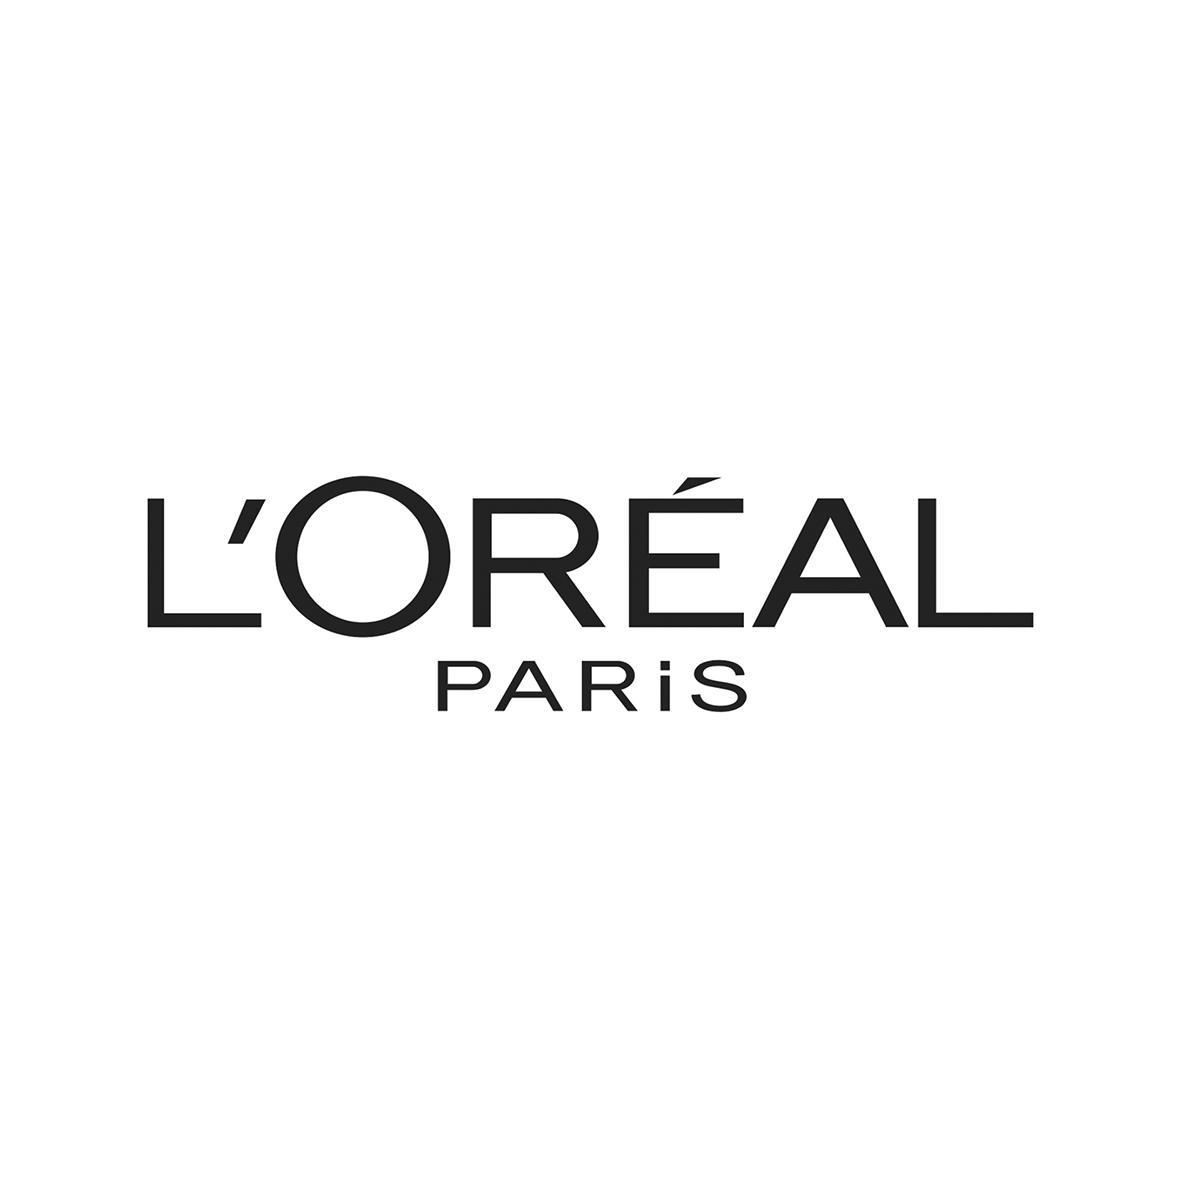 LOreal-bw.jpg